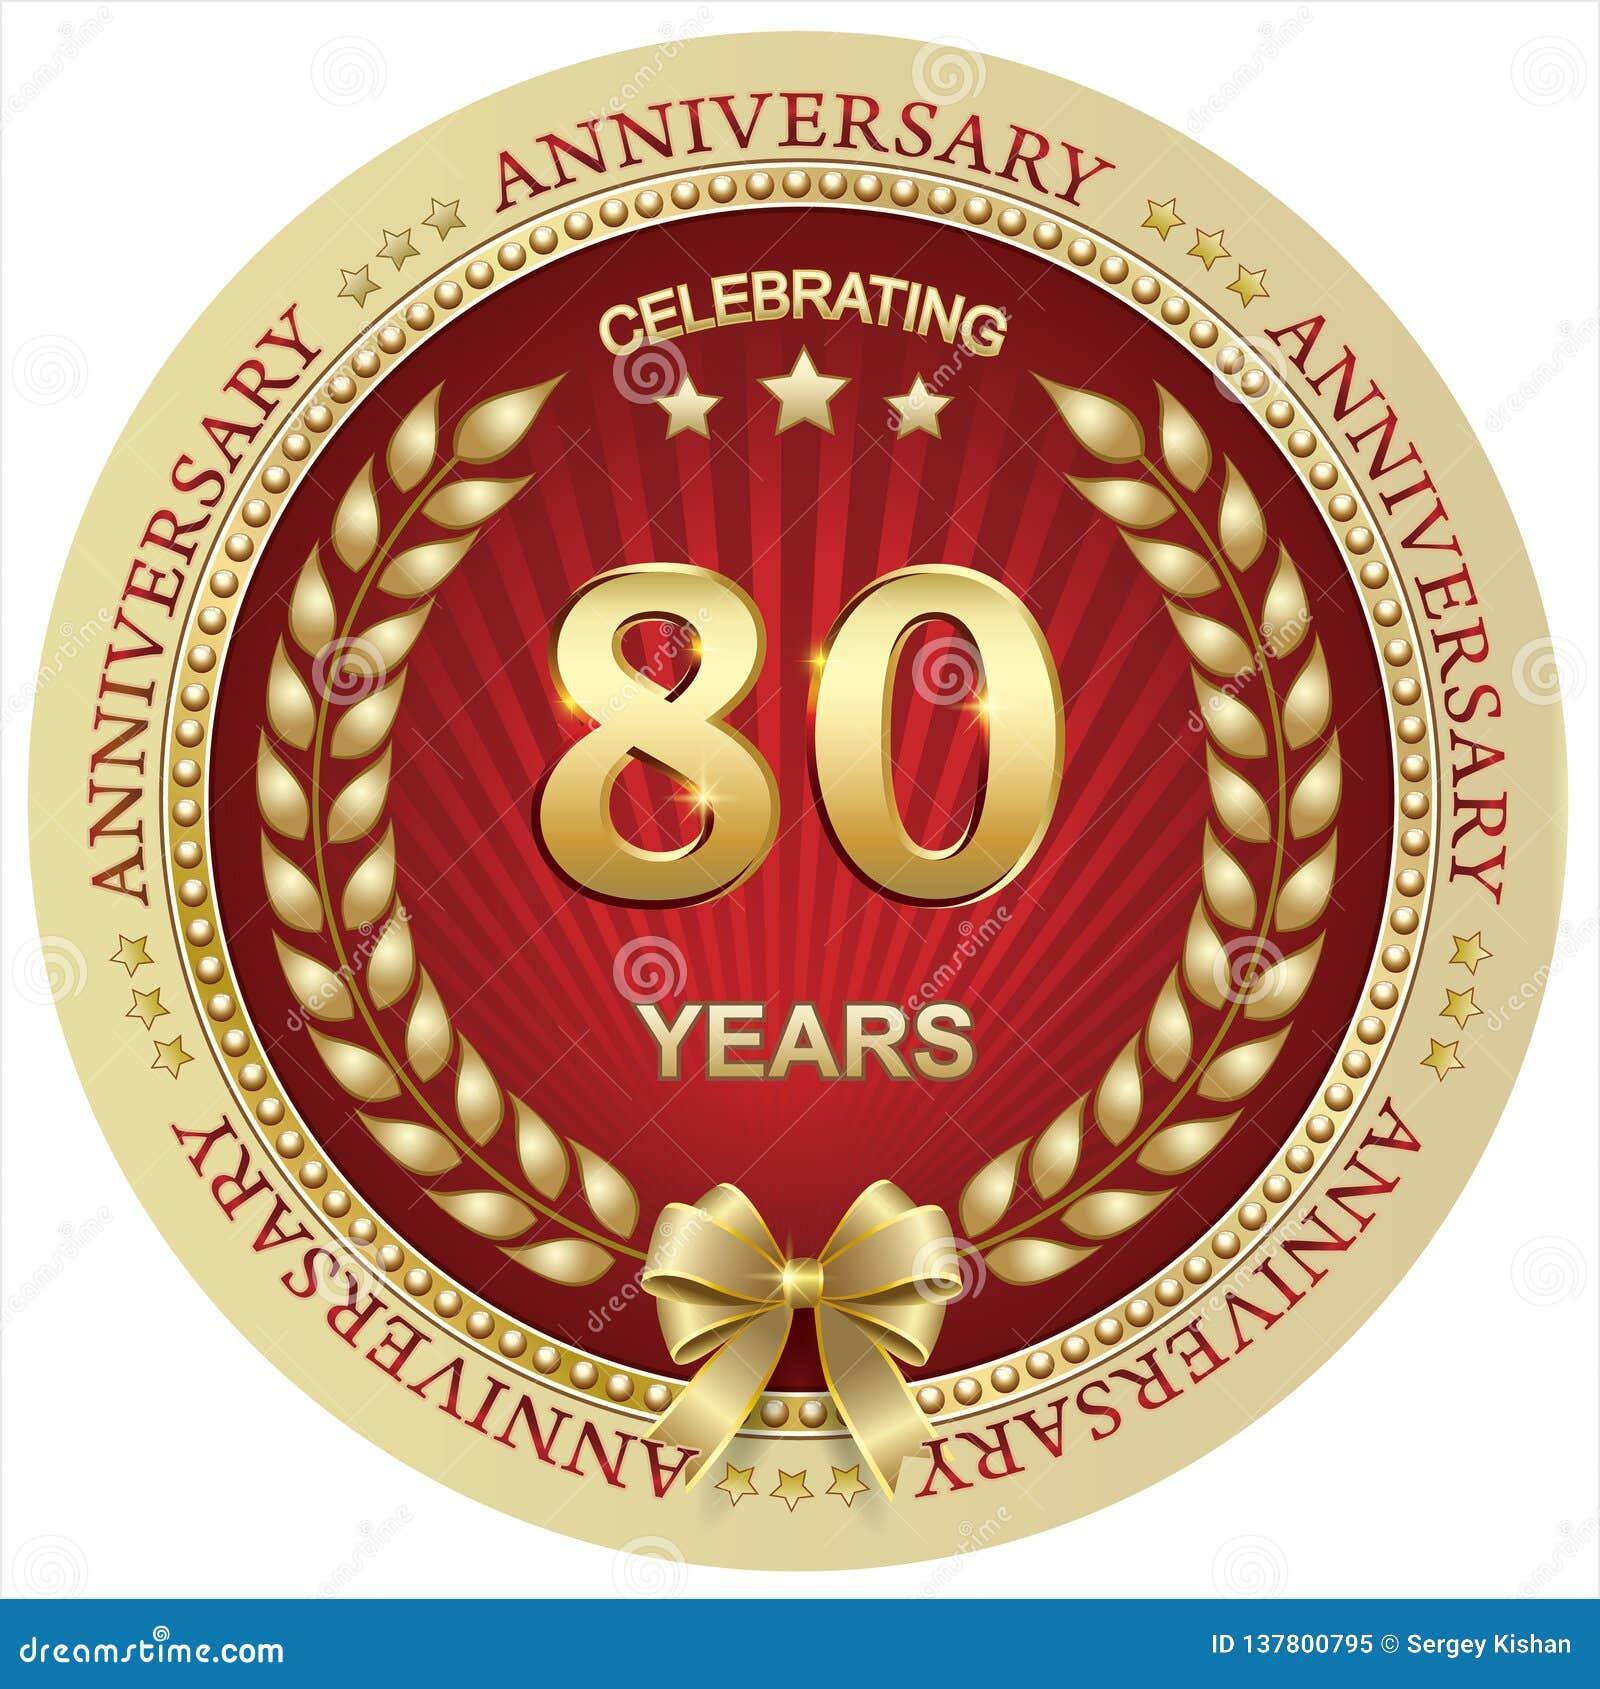 Aniversario 80 Años Cumpleaños Fondo Celebración Tarjeta